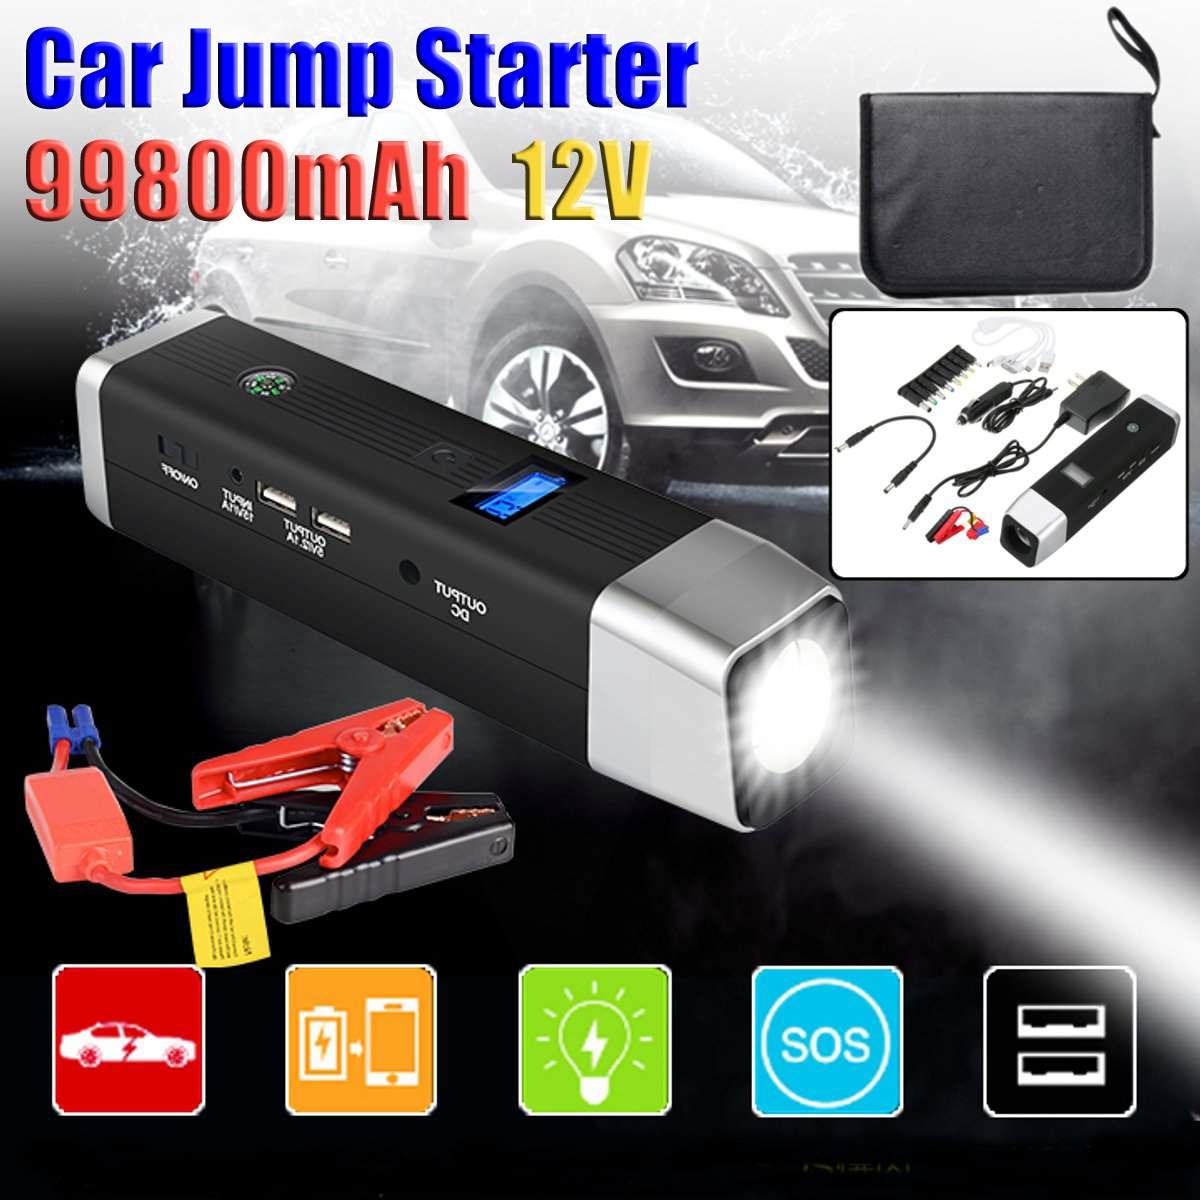 99800 mAh USB 12 V 600A LED voiture saut démarreur Portable chargeur batterie batterie externe voiture Booster dispositif de démarrage d'urgence marteau